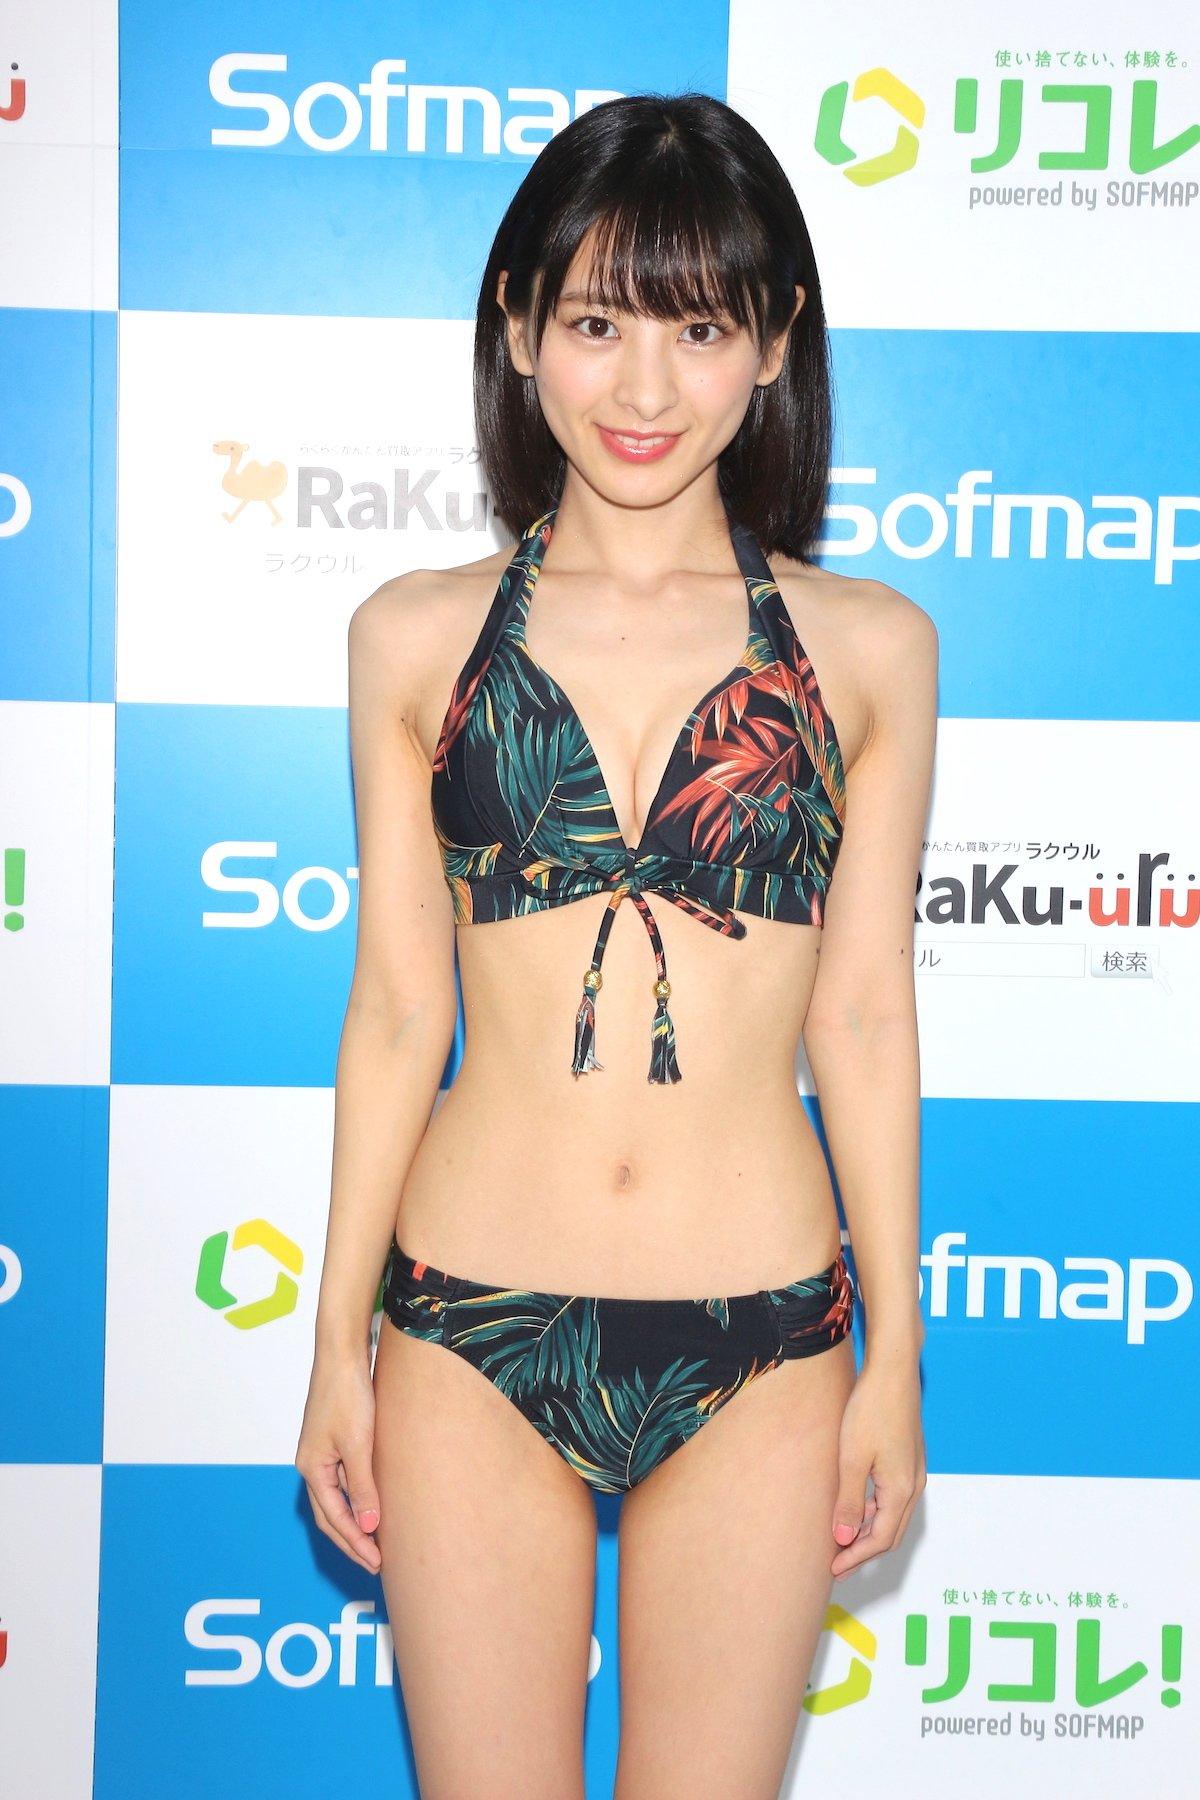 牧野澪菜「144cmのセクシーボディ」スクール水着でやらかしちゃった【画像61枚】の画像013